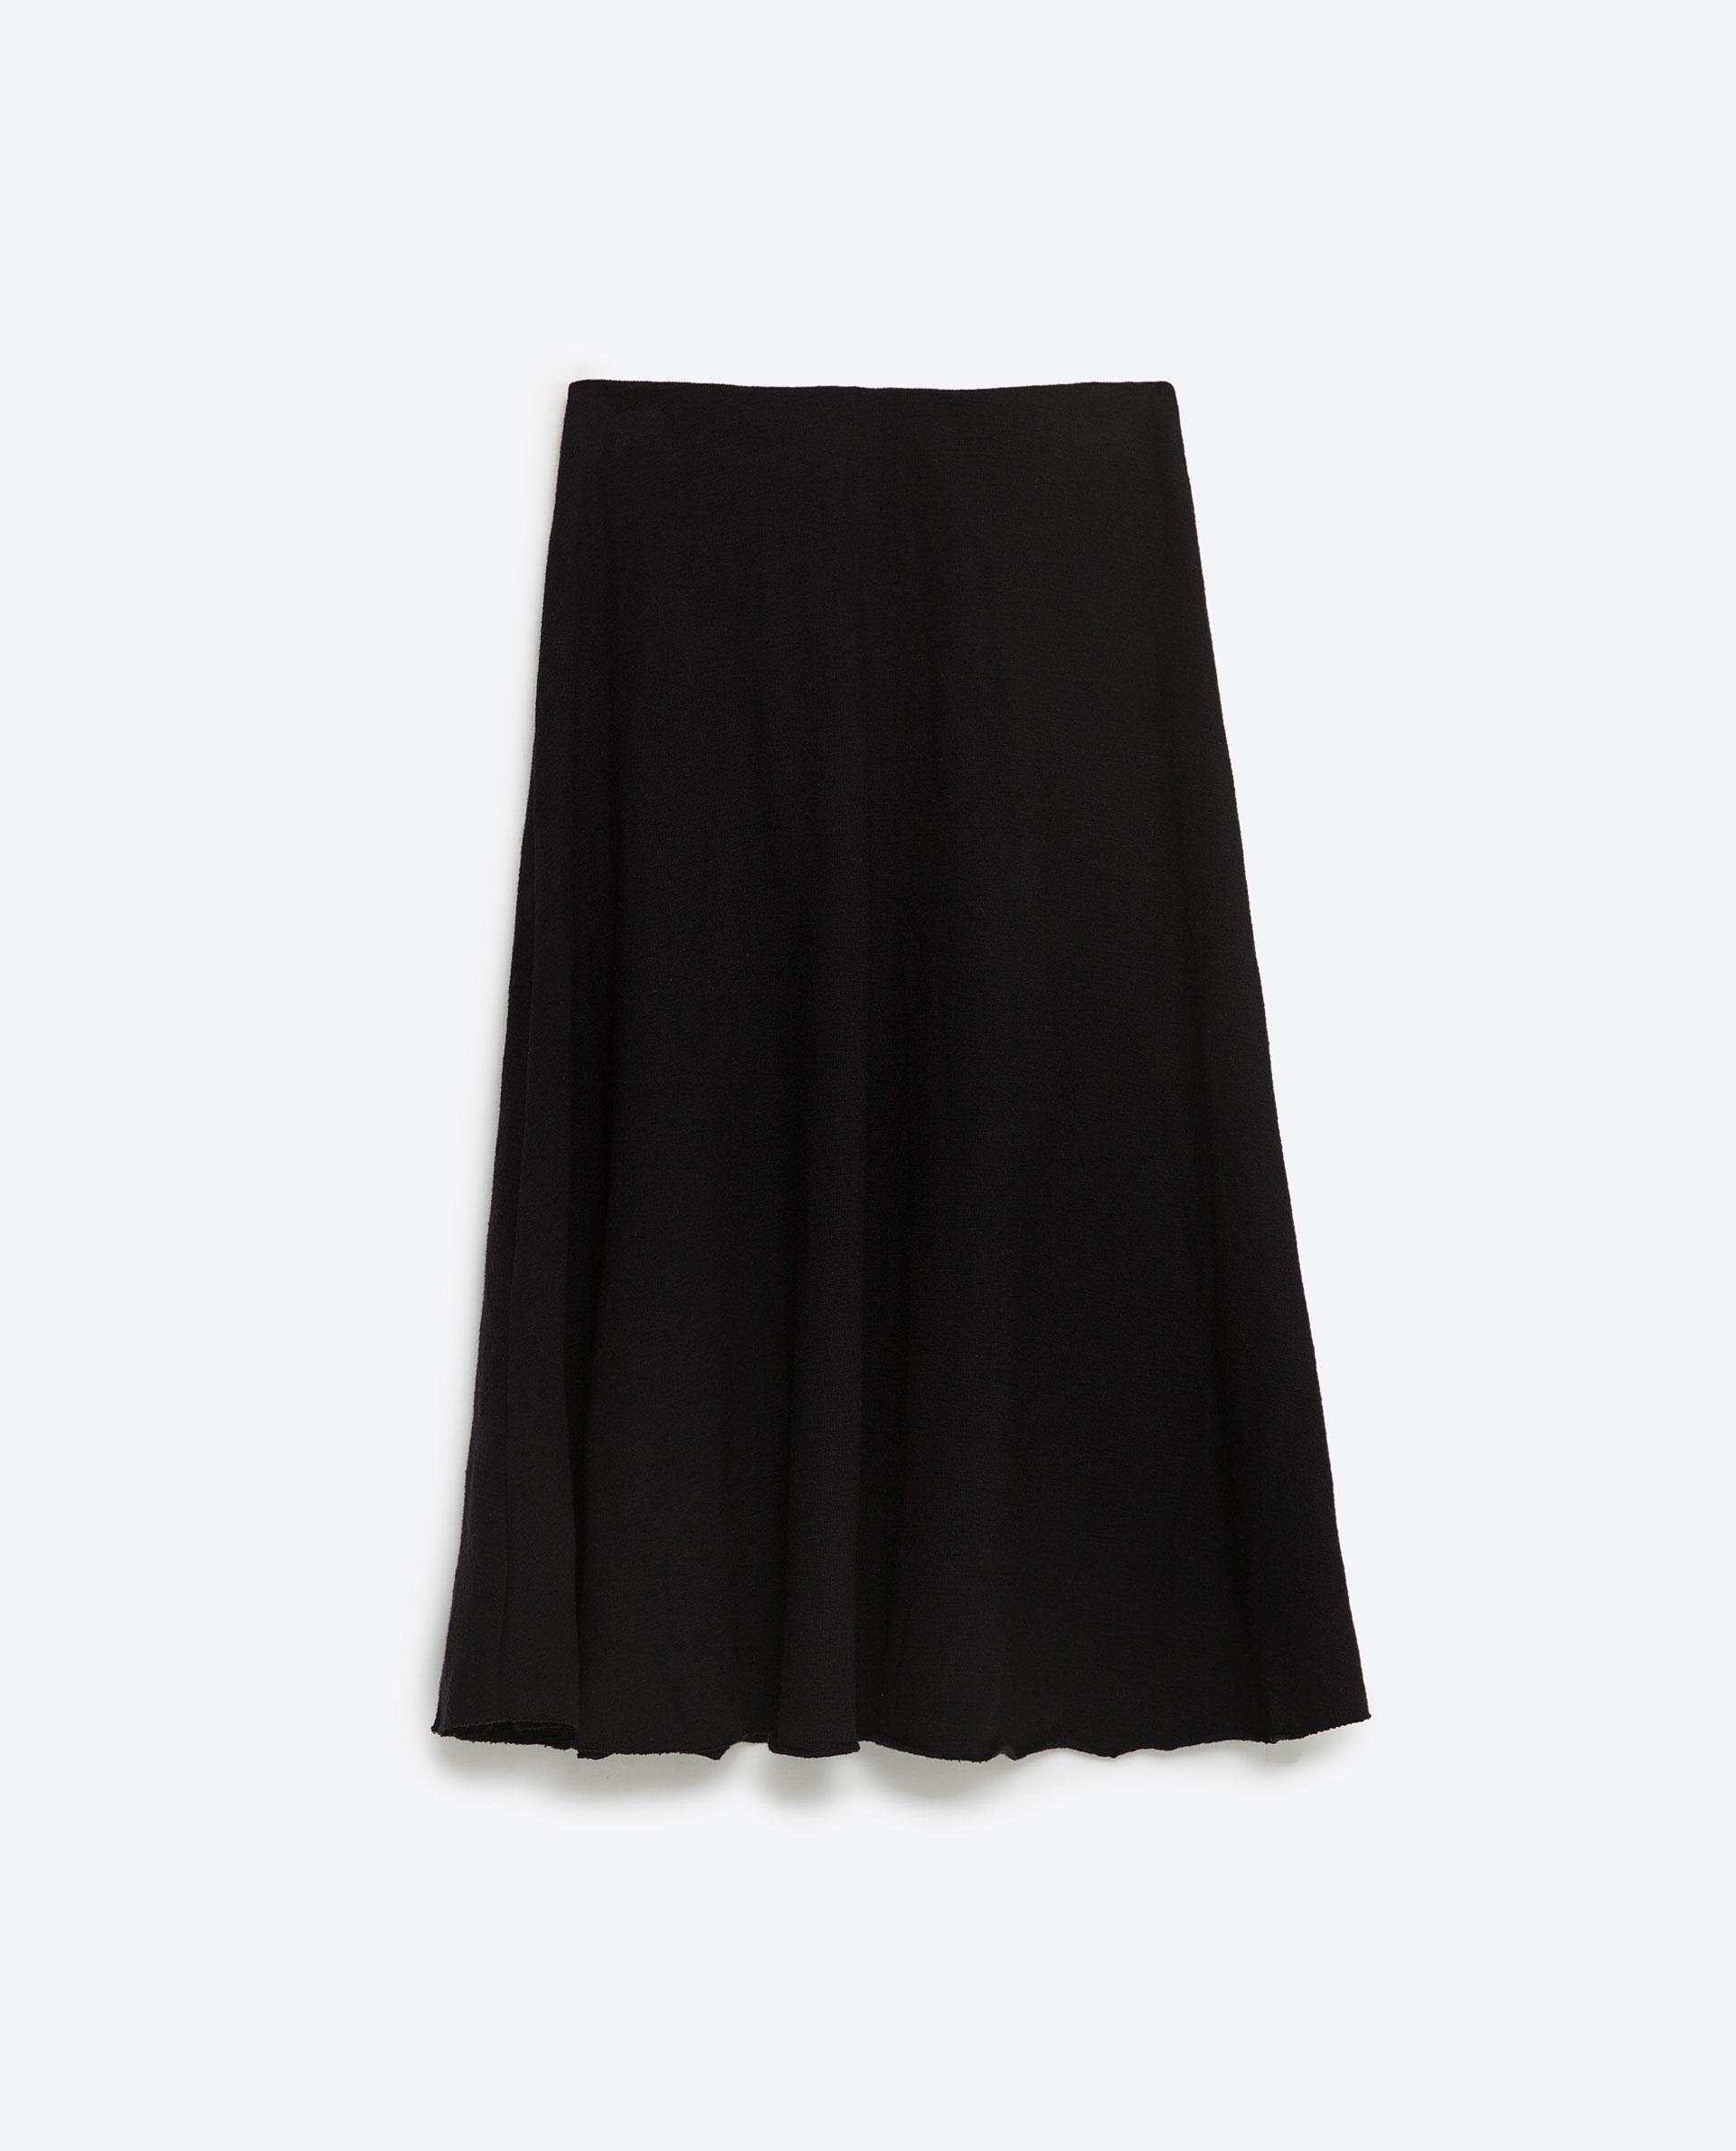 Zara Mid-length Skirt in Black | Lyst